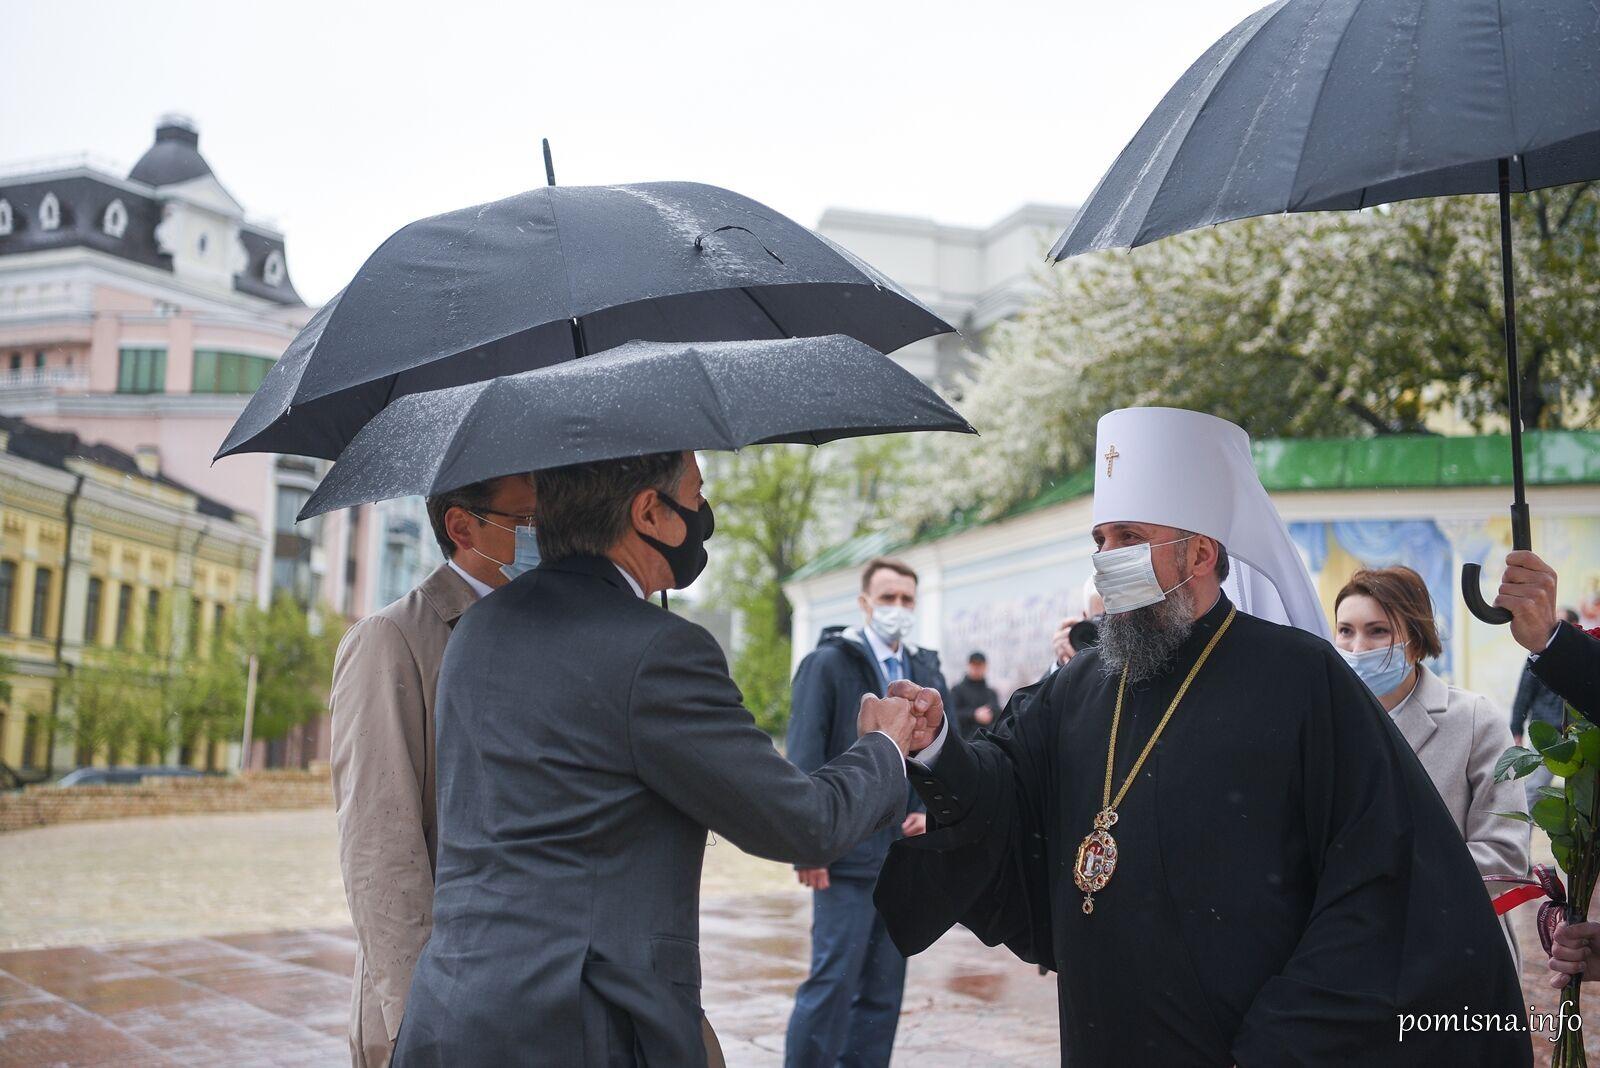 У Михайлівському Золотоверхому монастирі відбулася зустріч митрополита Епіфанія та Ентоні Блінкена